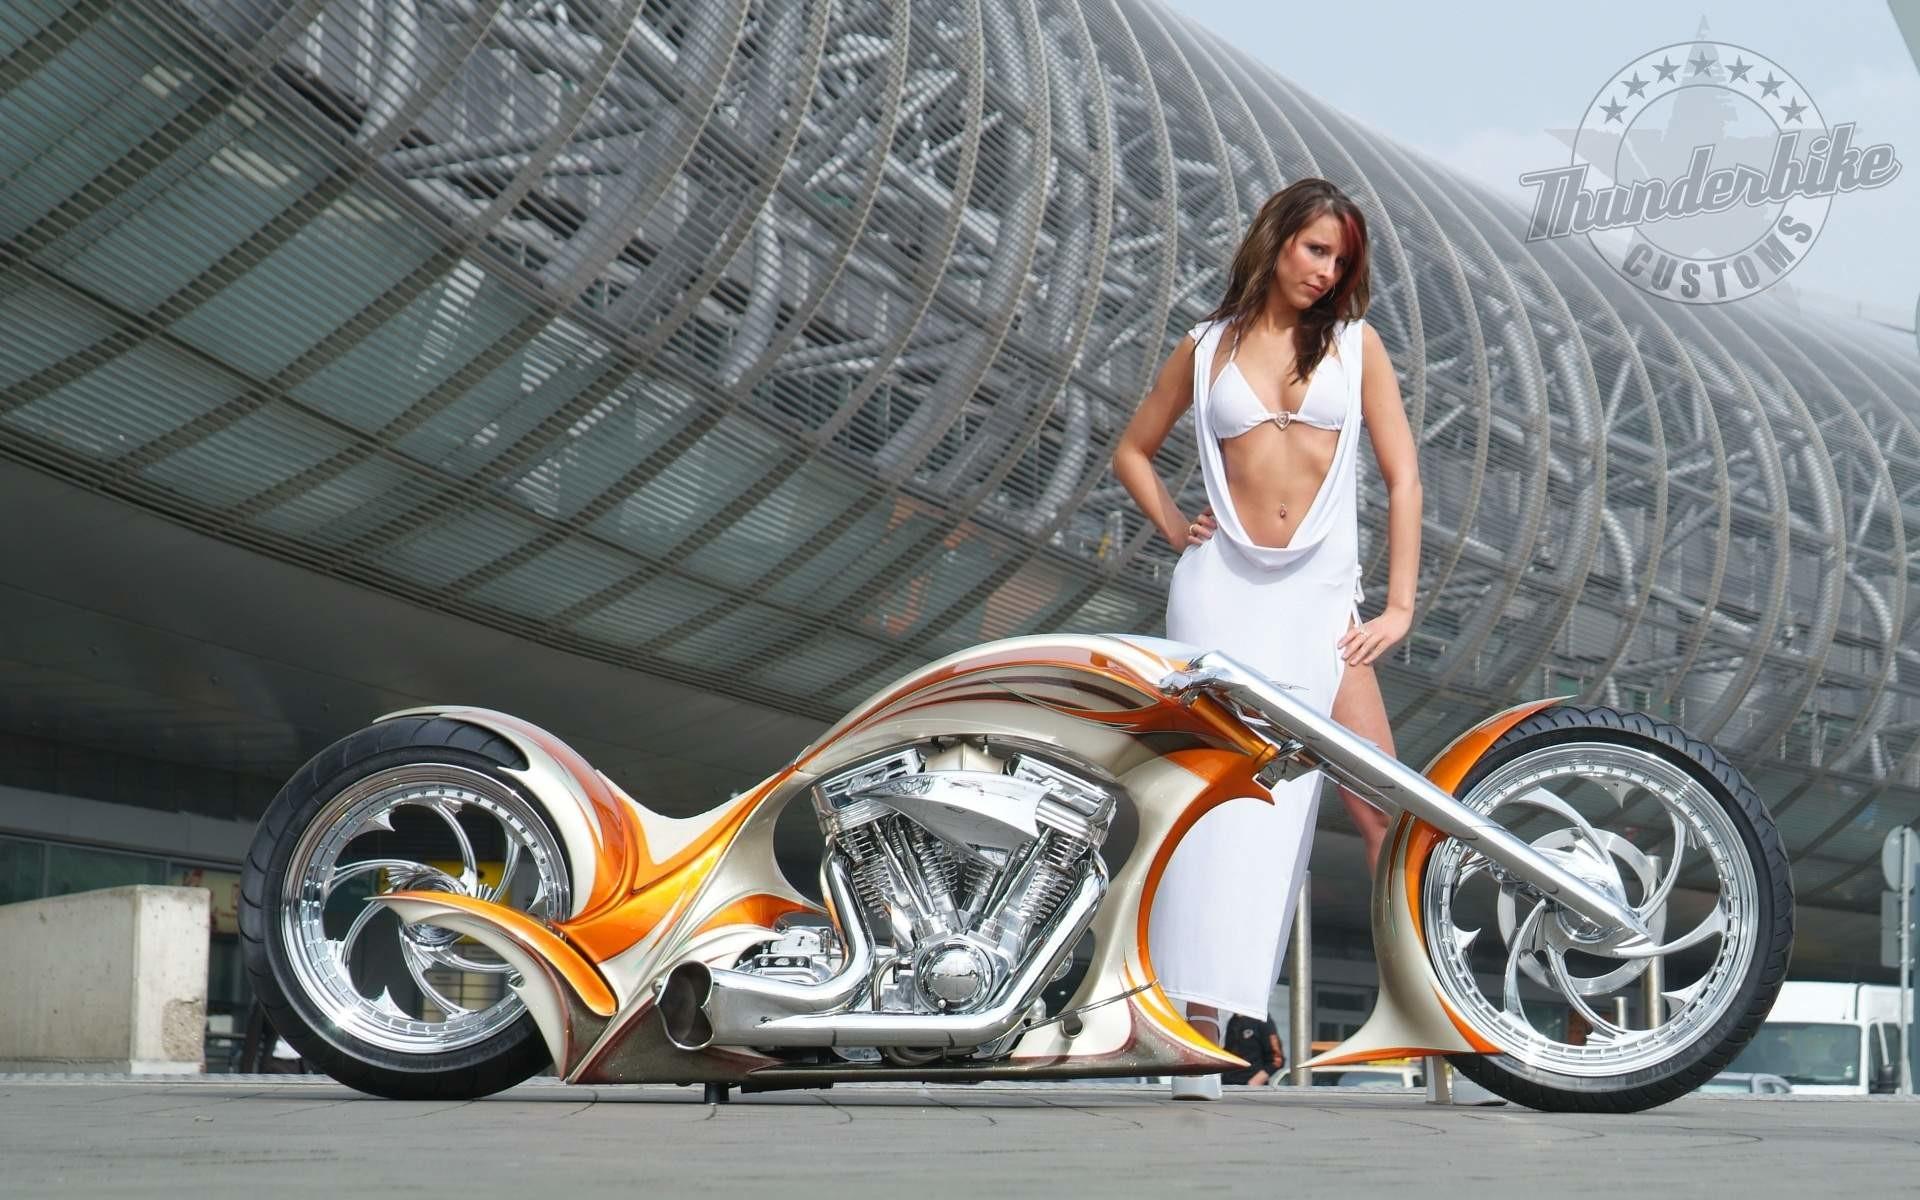 Free Custom Motorcycle Wallpaper Gallery by